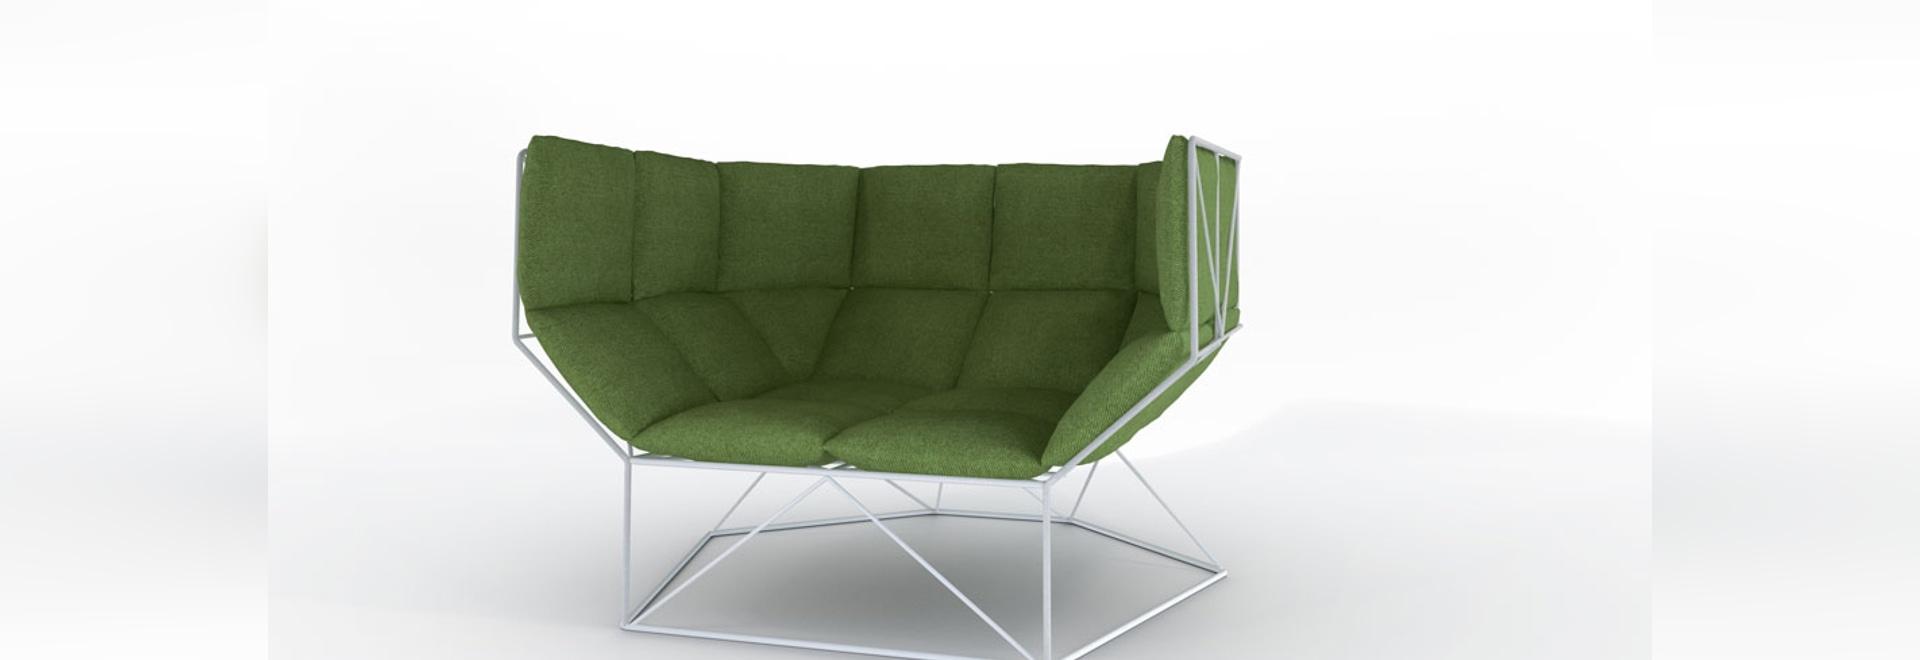 Foxhole 200 Sofa